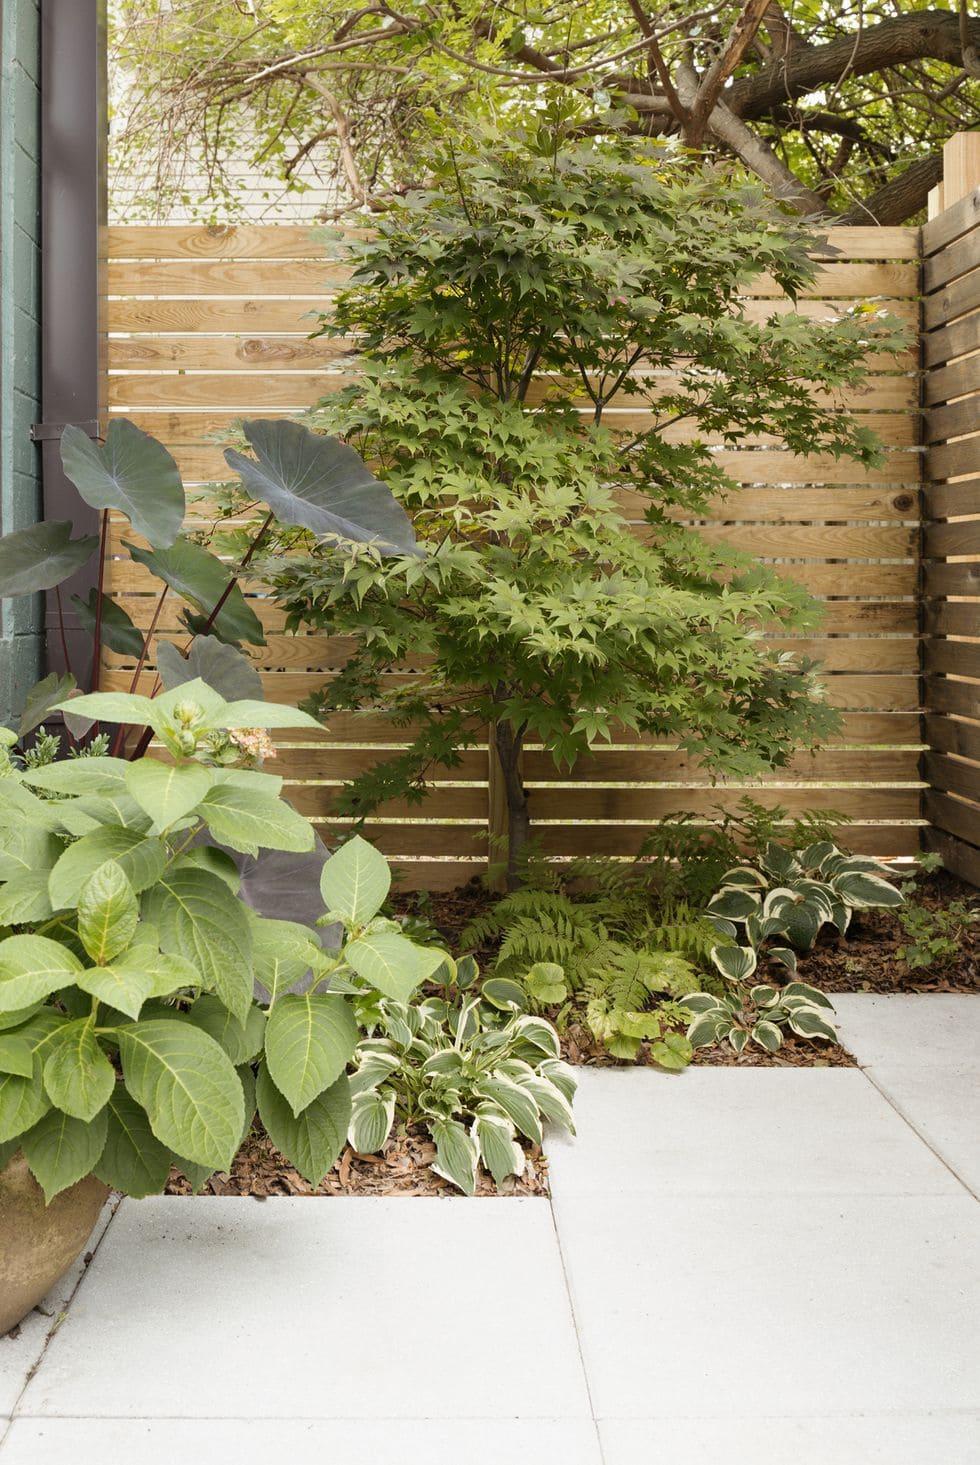 9.Simphome.com Horizontal Planks fencing idea